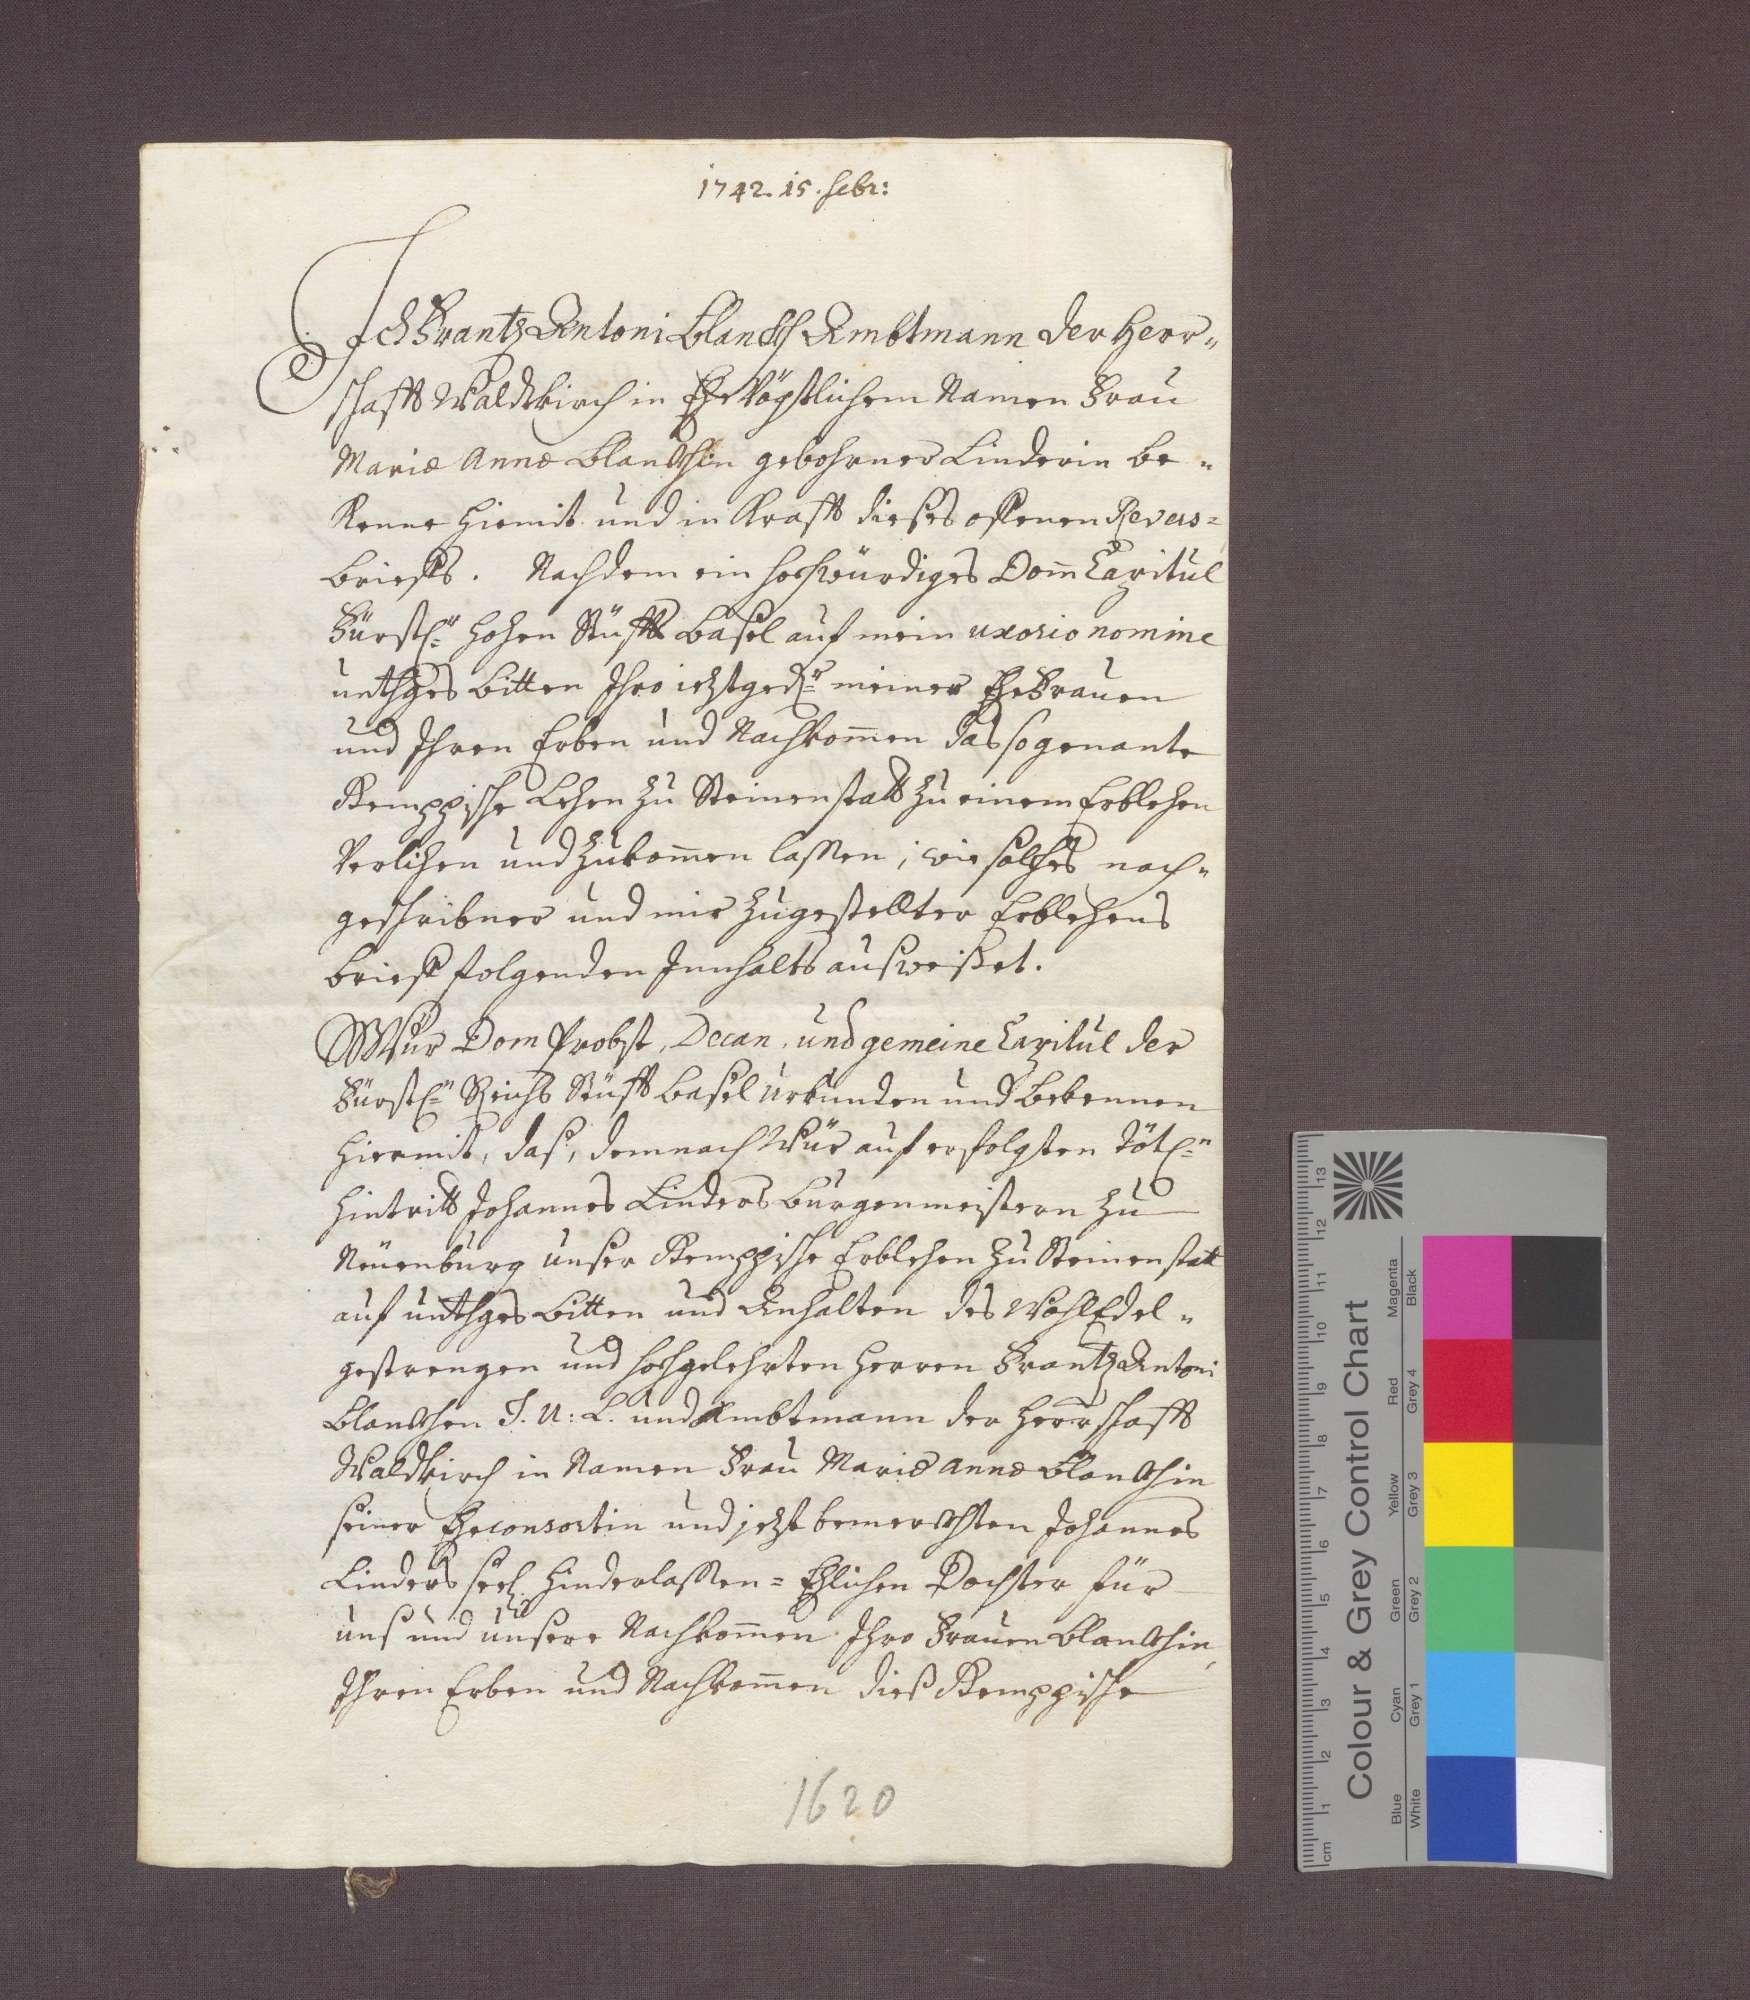 Lehnrevers des Franz Anton Blanck gegenüber dem Basler Domkapitel über ein Gut zu Steinenstadt., Bild 1